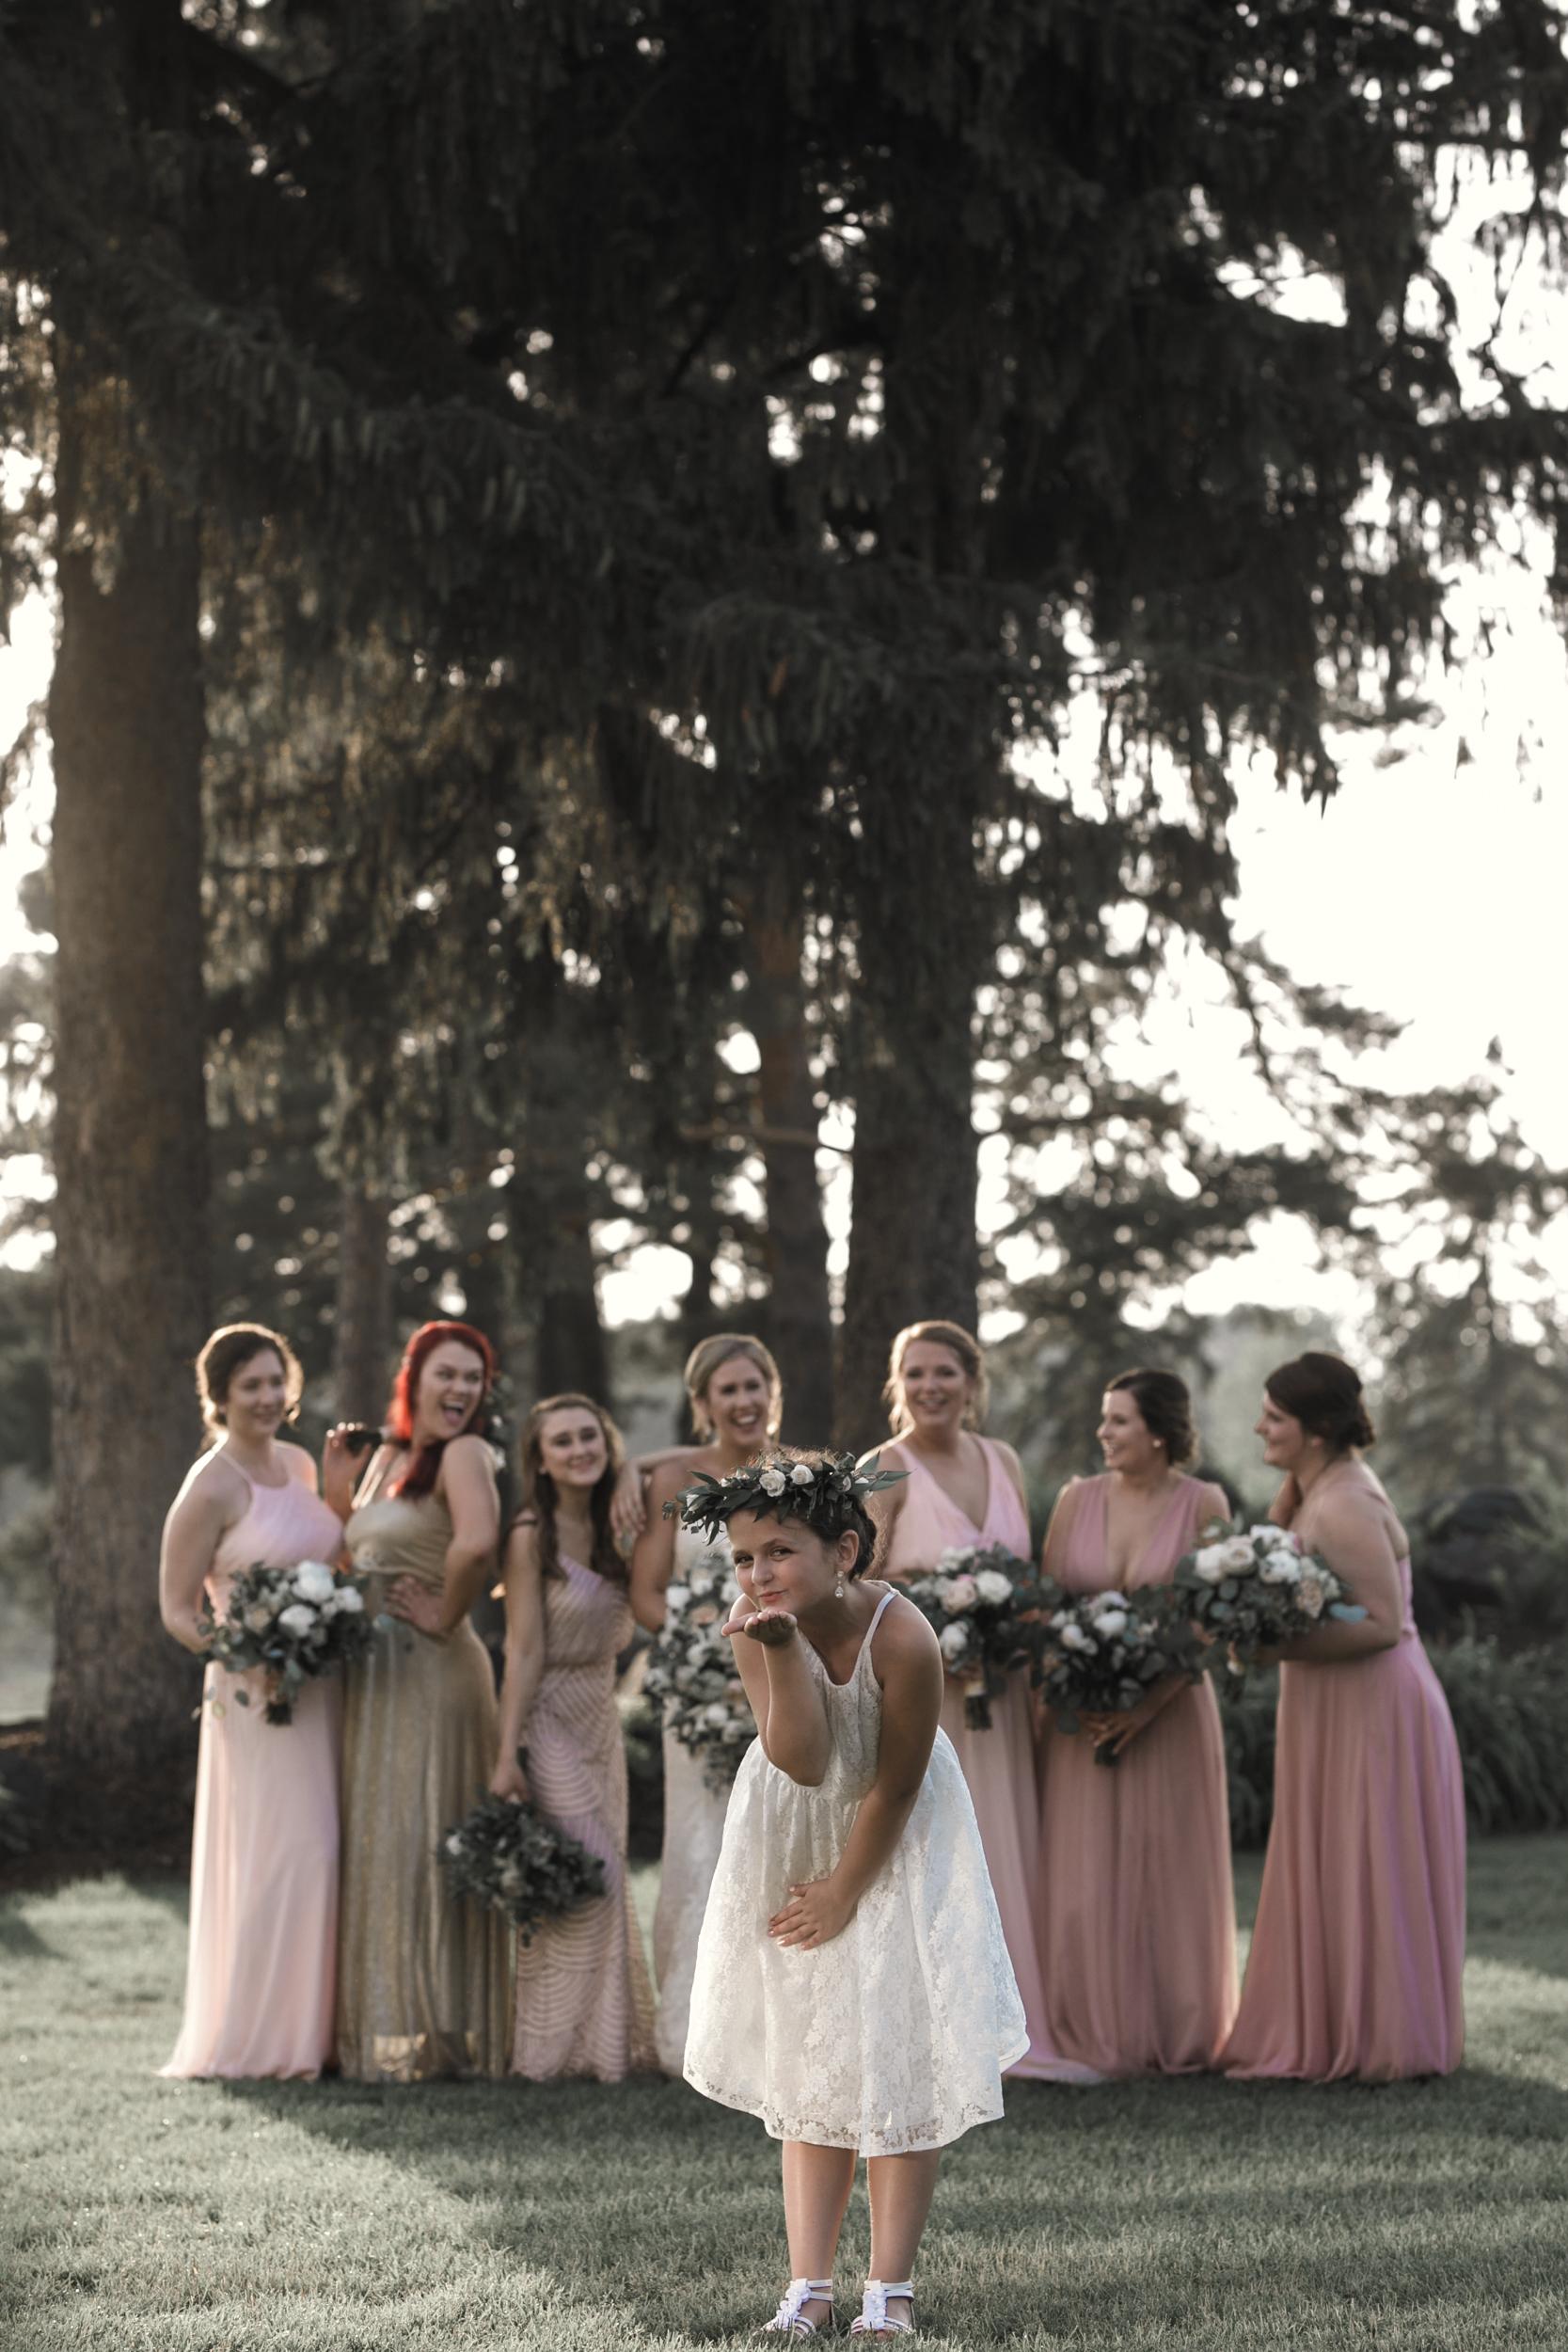 dellwood country club wedding*, Dellwood Country Club*, golf course wedding*, green golf course*, rose pink wedding details*-www.rachelsmak.com84.jpg